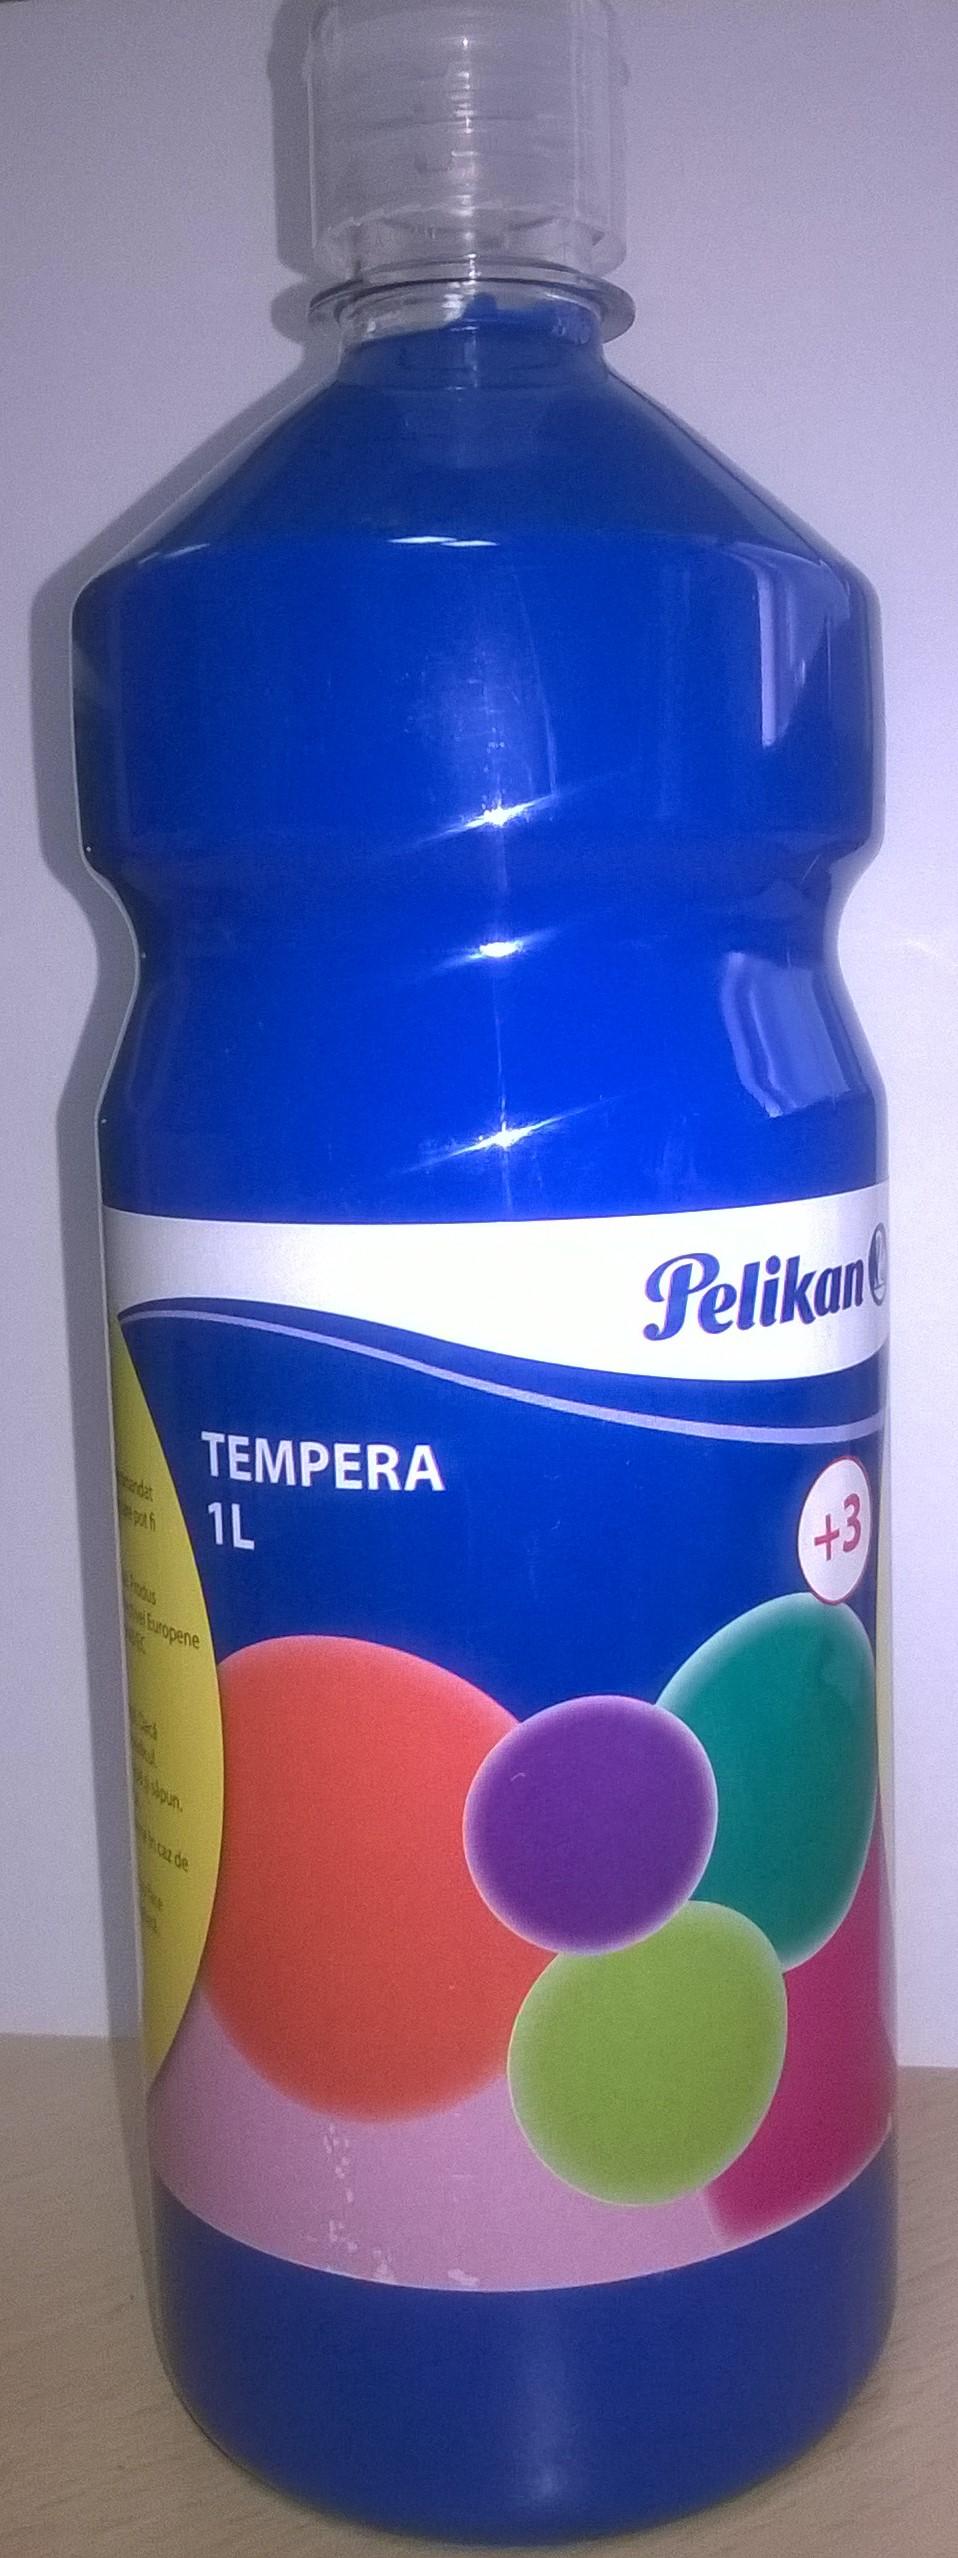 Tempera Pelikan,1L,azuriu